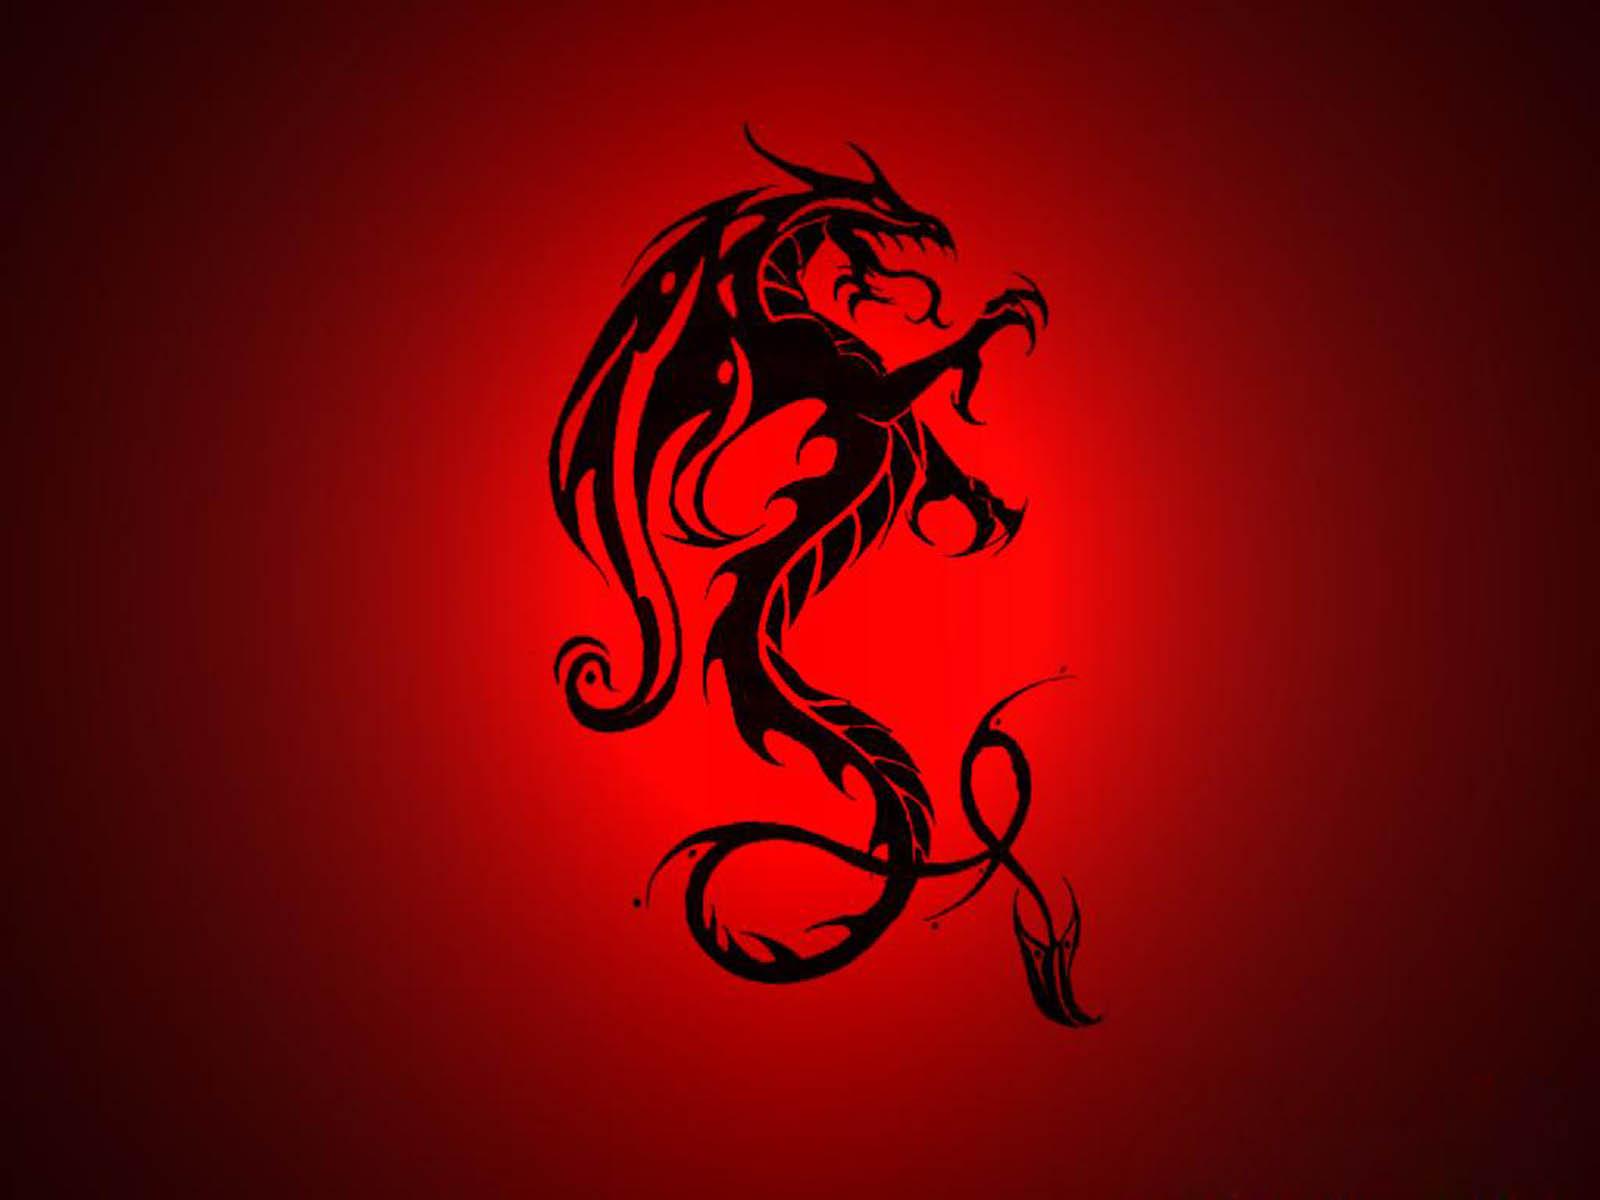 dragon wallpaper 1600x1200 - photo #39